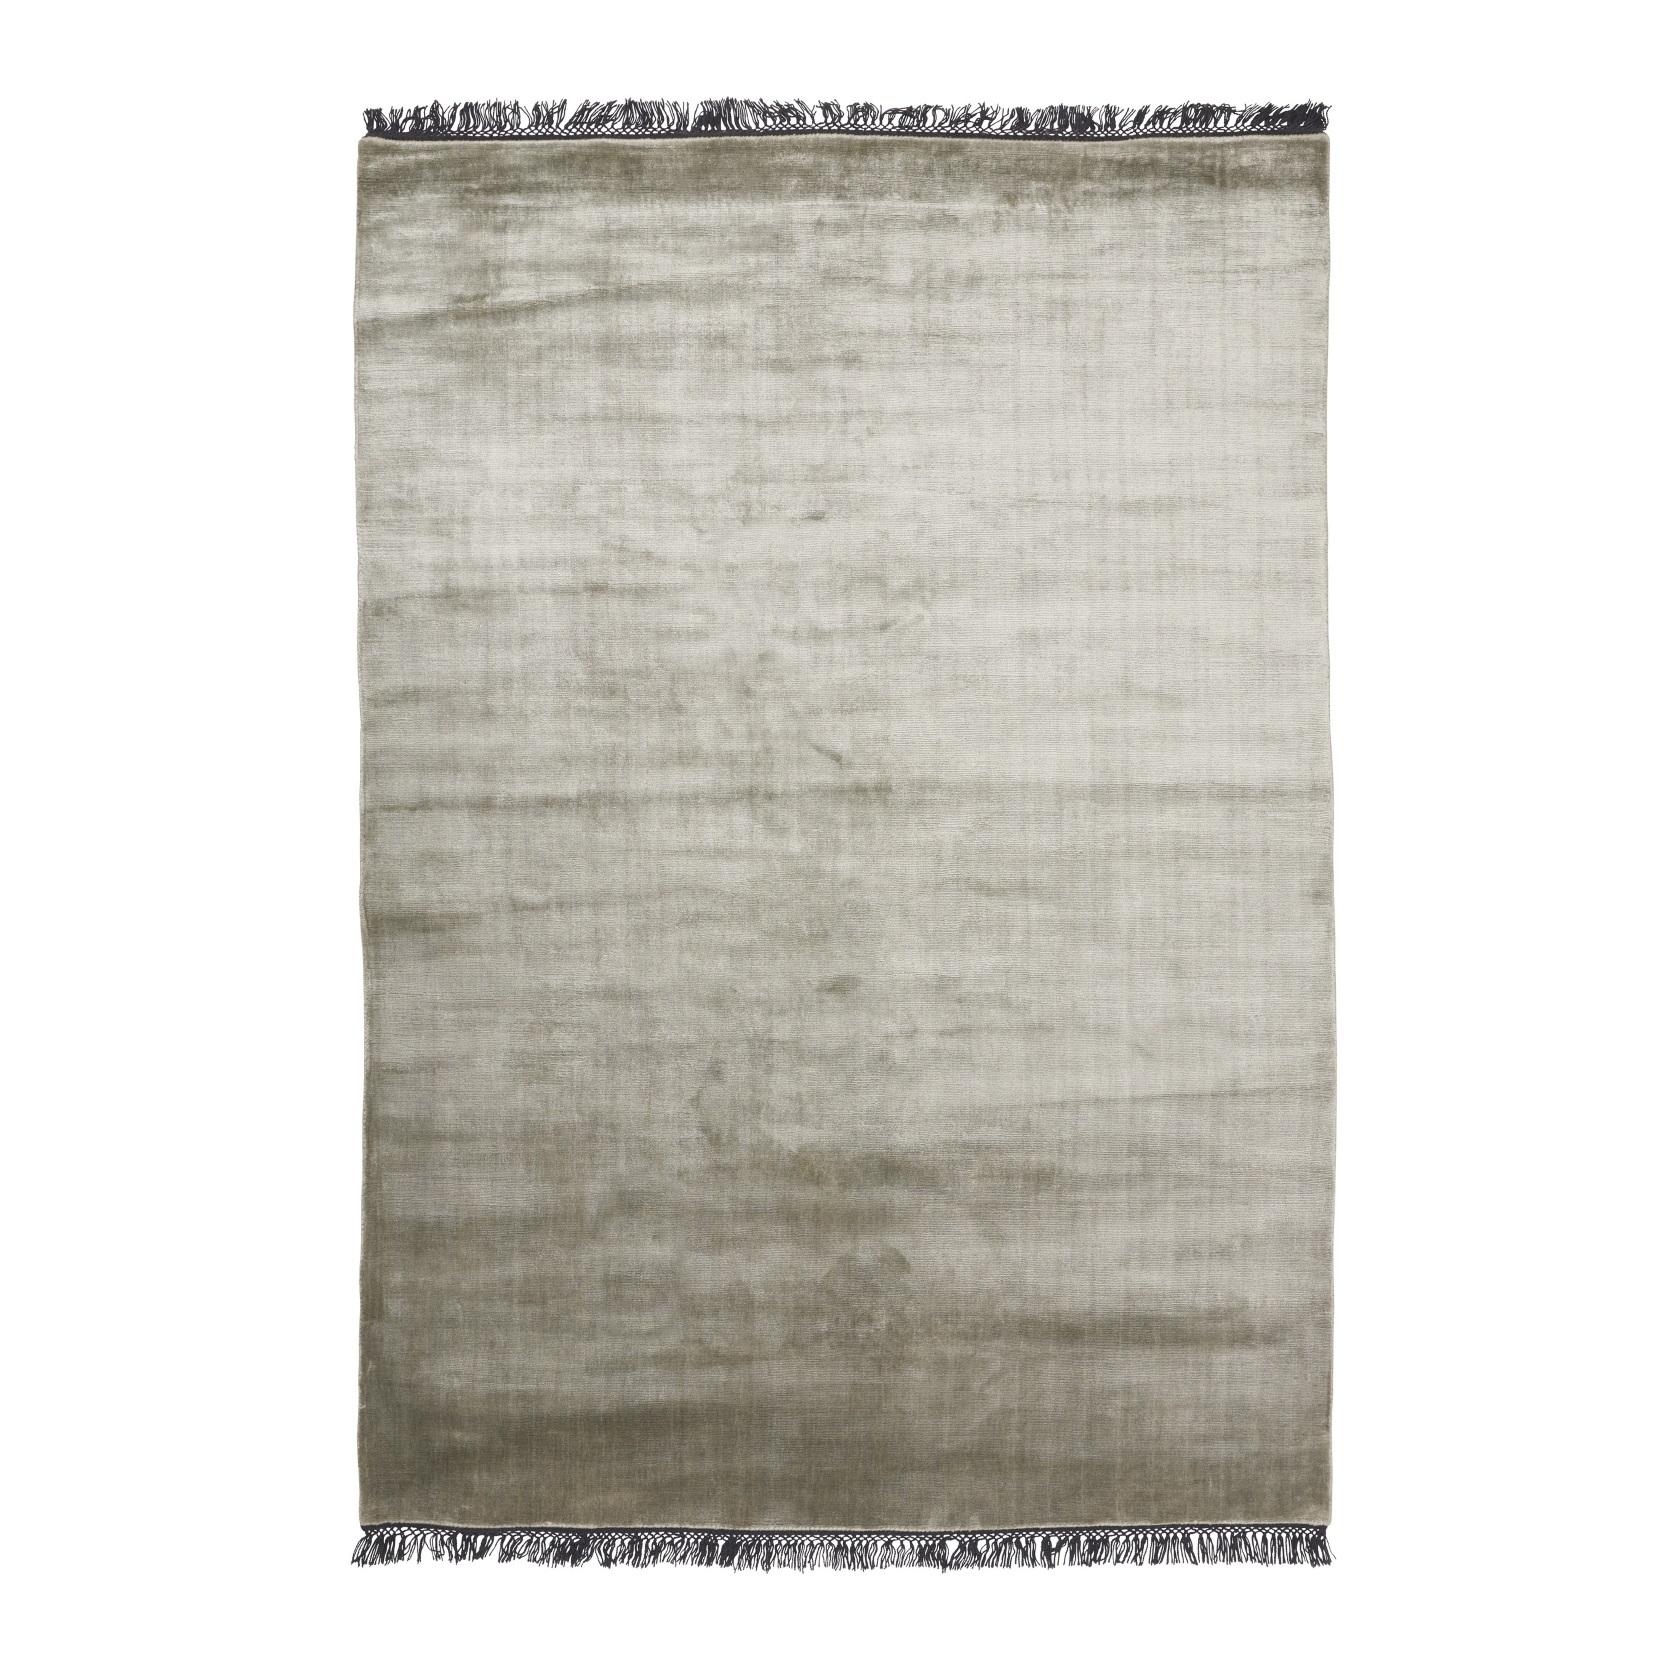 Viskosmatta ALMERIA 140 x 200 cm slate, Linie Design